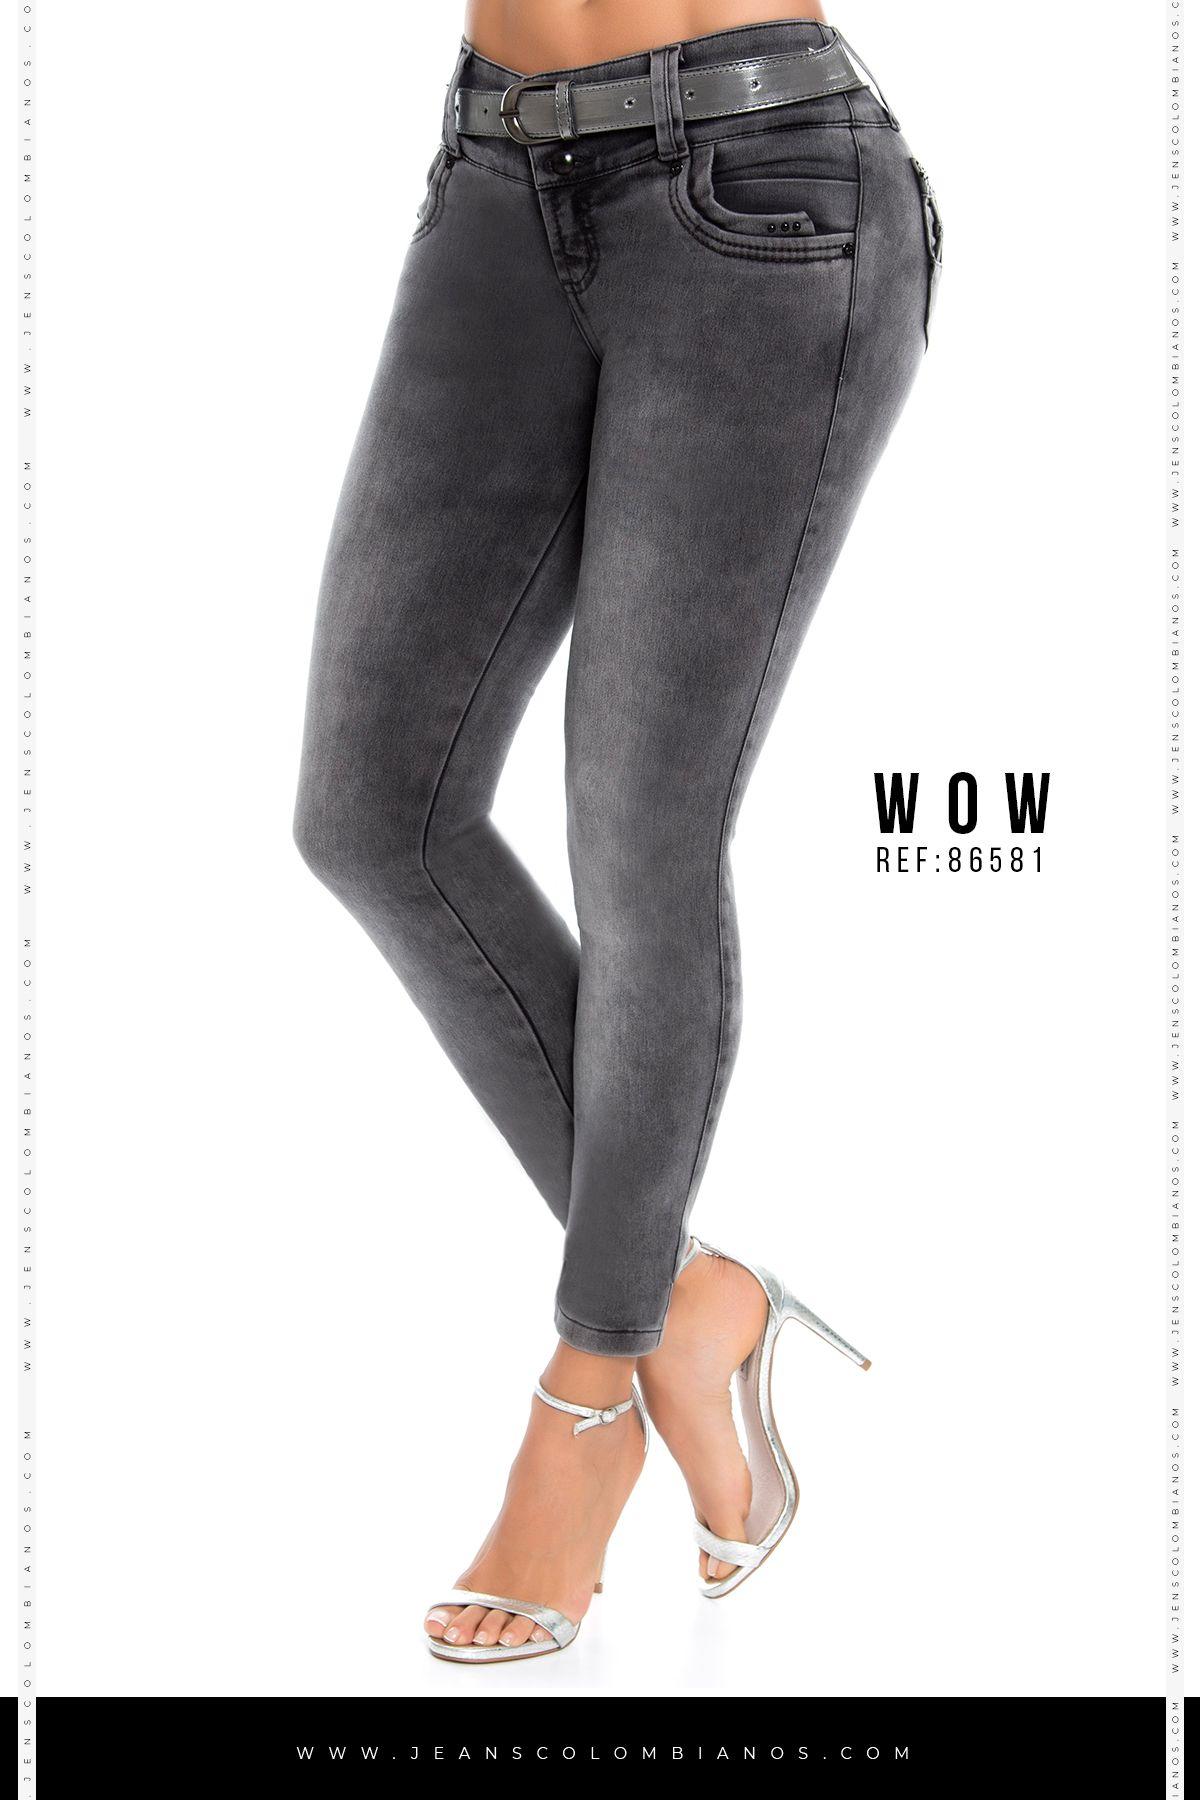 Jeans Levanta Cola Ref Wow 86581 Jeans De Moda Pantalones De Moda Moda De Ropa